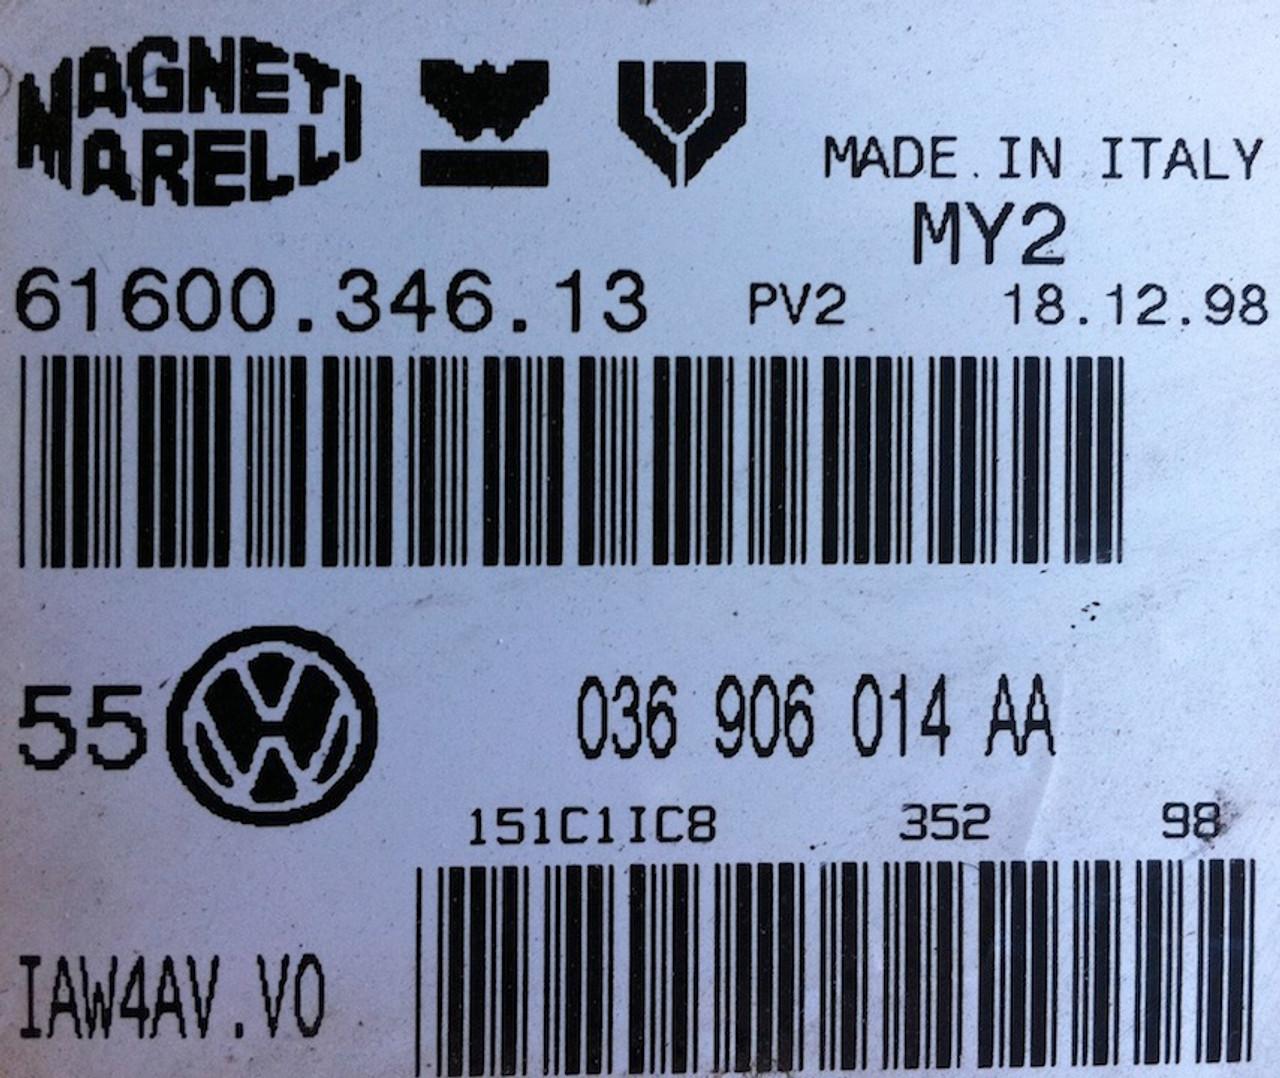 VW Polo 1.4L (AHW)  036906014AA  61600.346.13  IAW4AV.V0